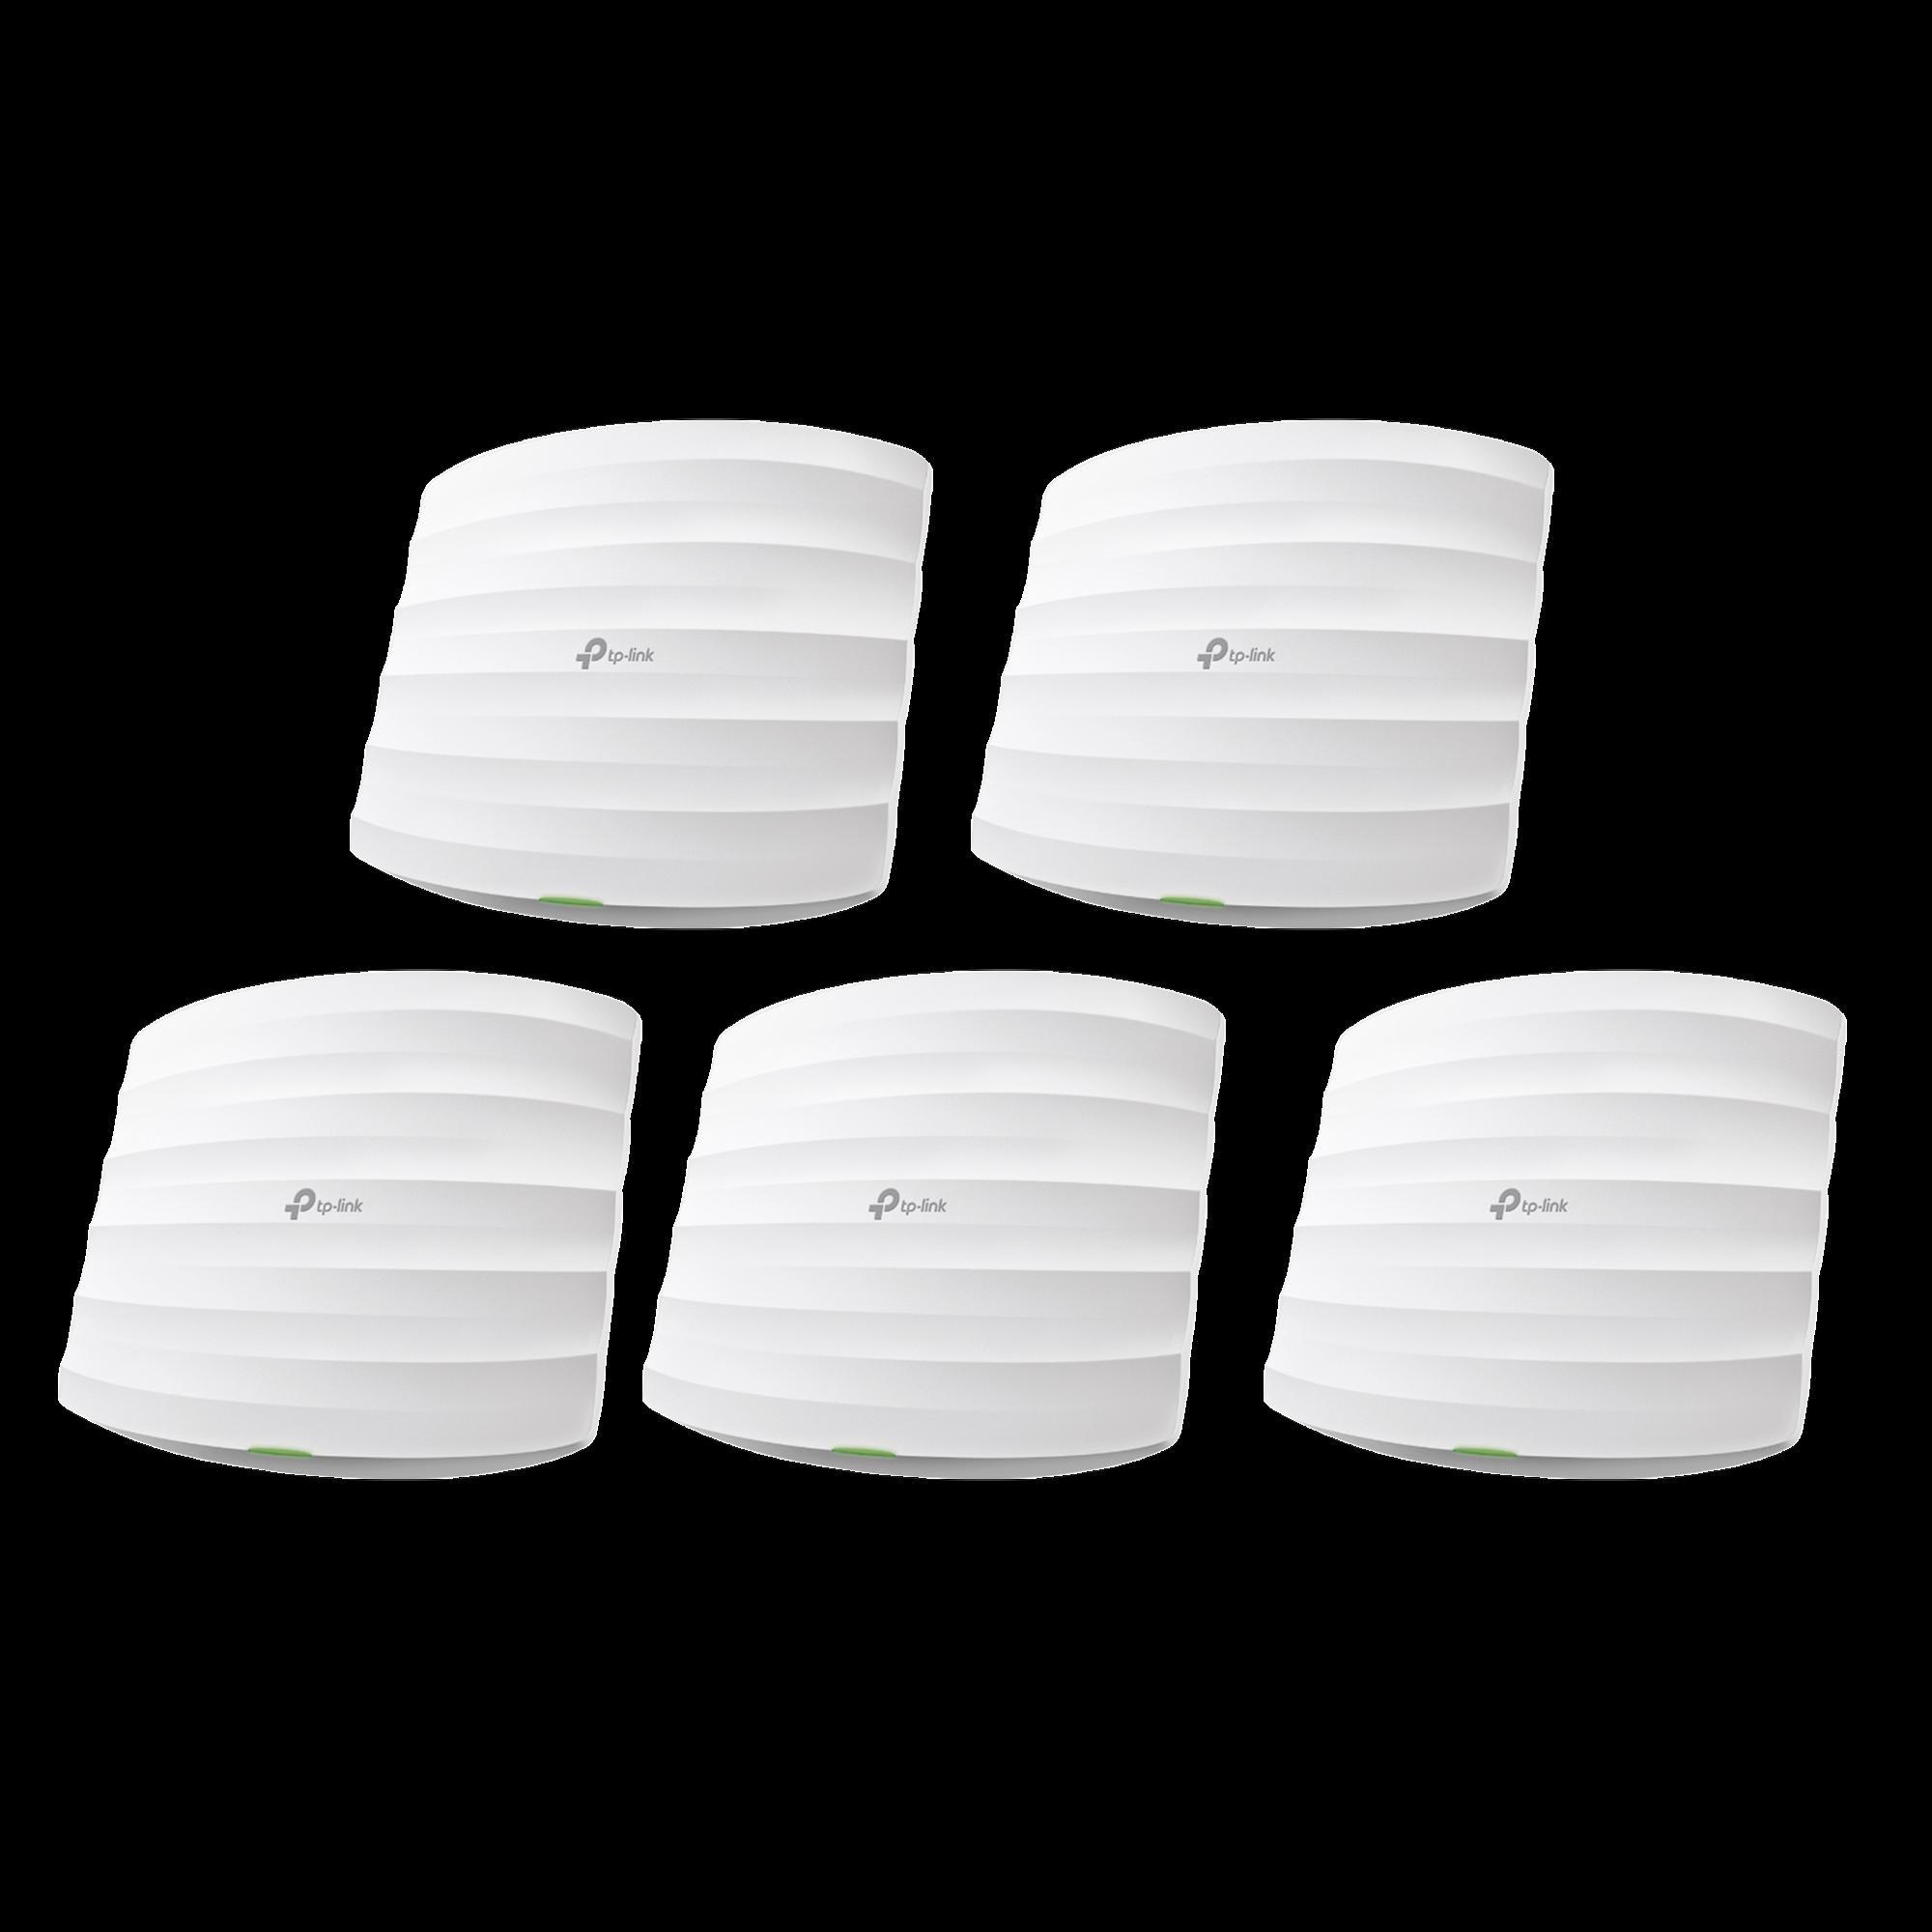 Kit de 5 Puntos de Acceso Omada de doble banda 802.11ac, MU-MIMO, PoE 802.3af y PoE Pasivo, soporta hasta 100 clientes, hasta 1350 Mbps